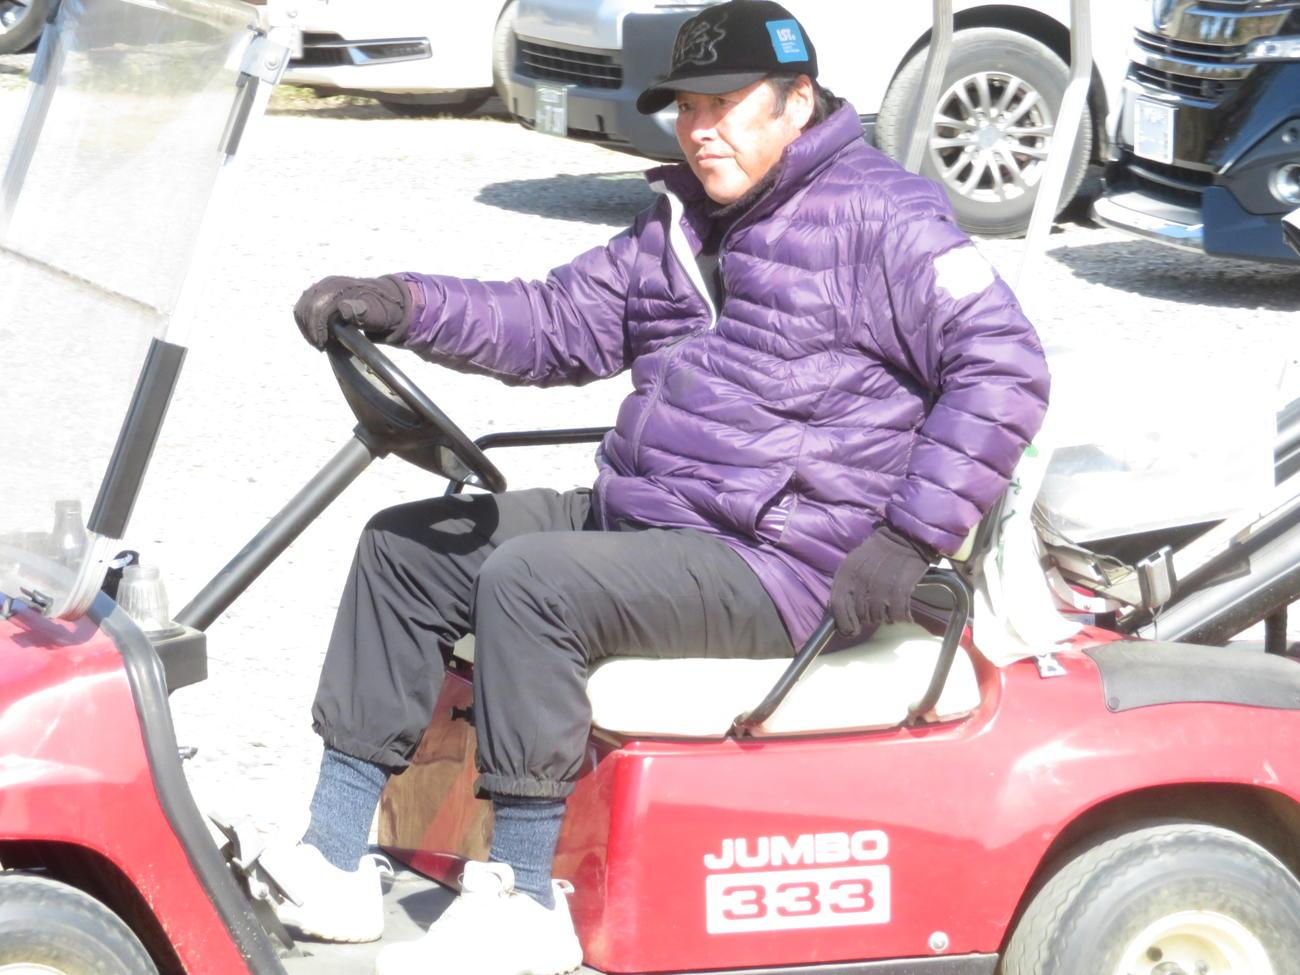 セレクション受検者のもとに自らカートを運転して向かう尾崎